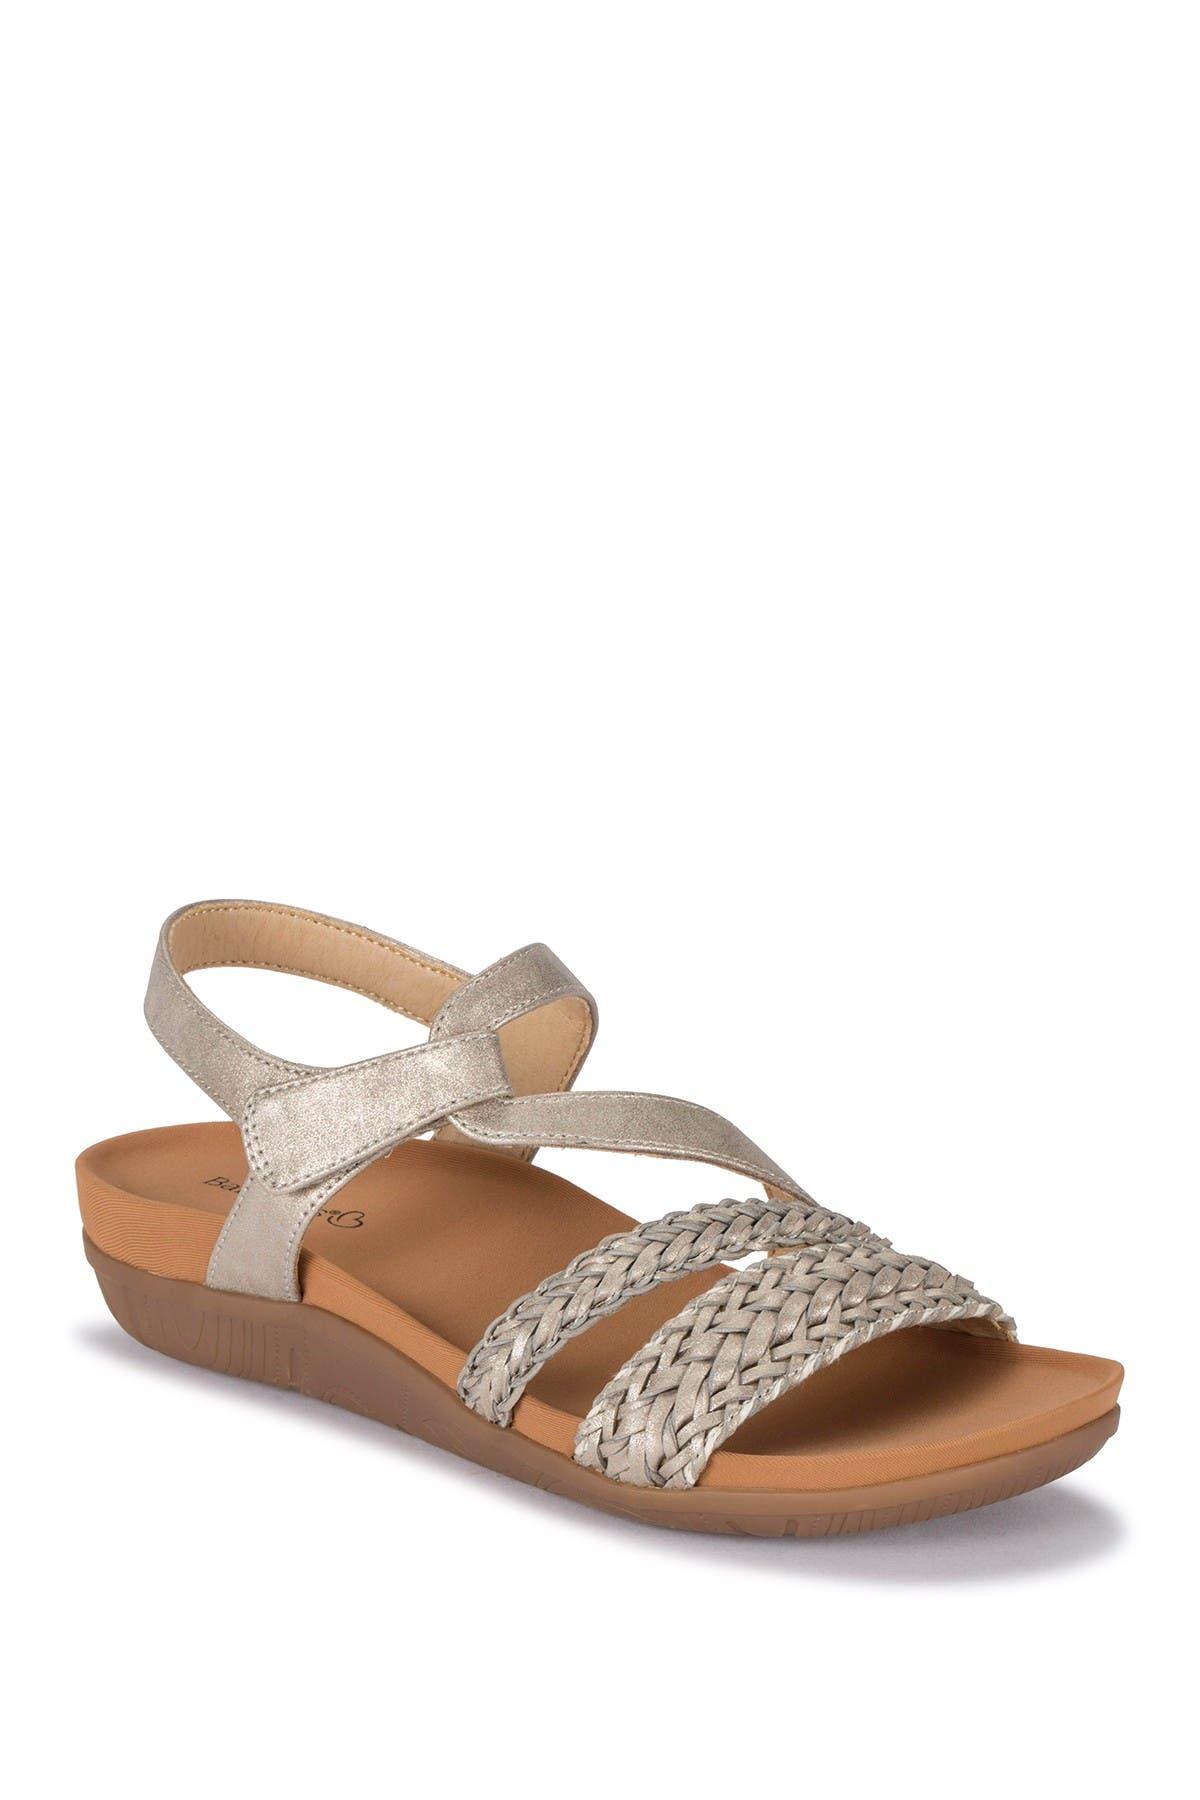 Image of BareTraps Jalen Casual Sandal